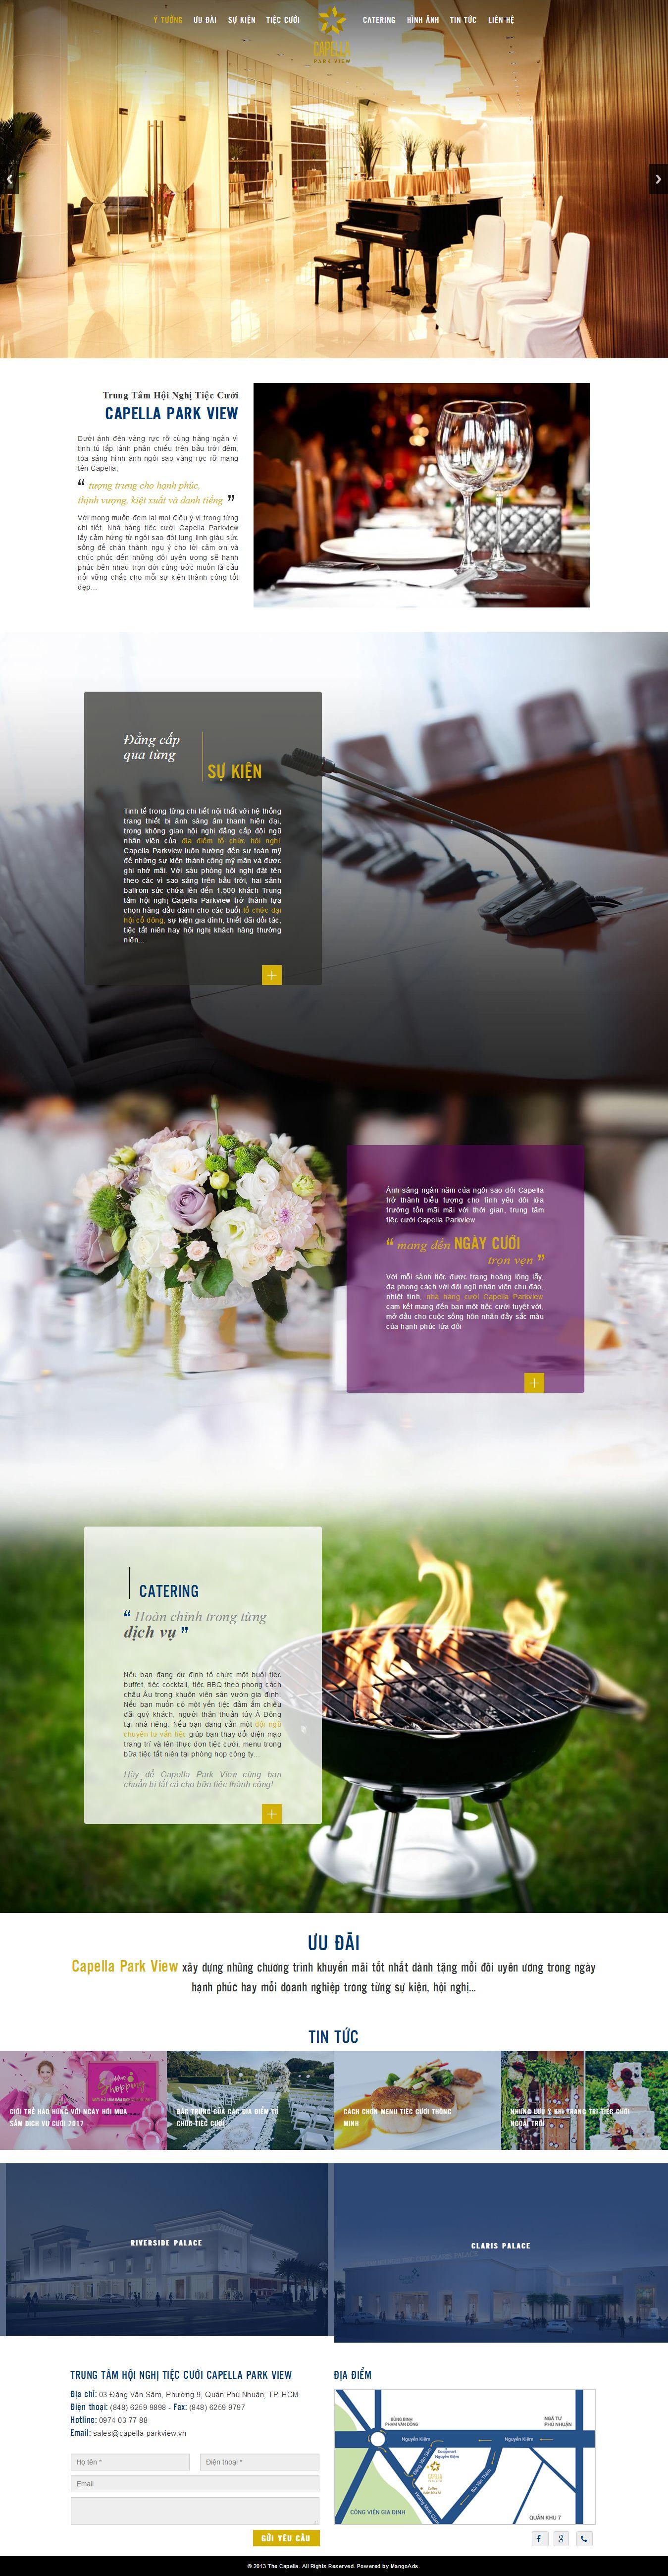 Mẫu website nhà hàng - tiệc cưới 13475